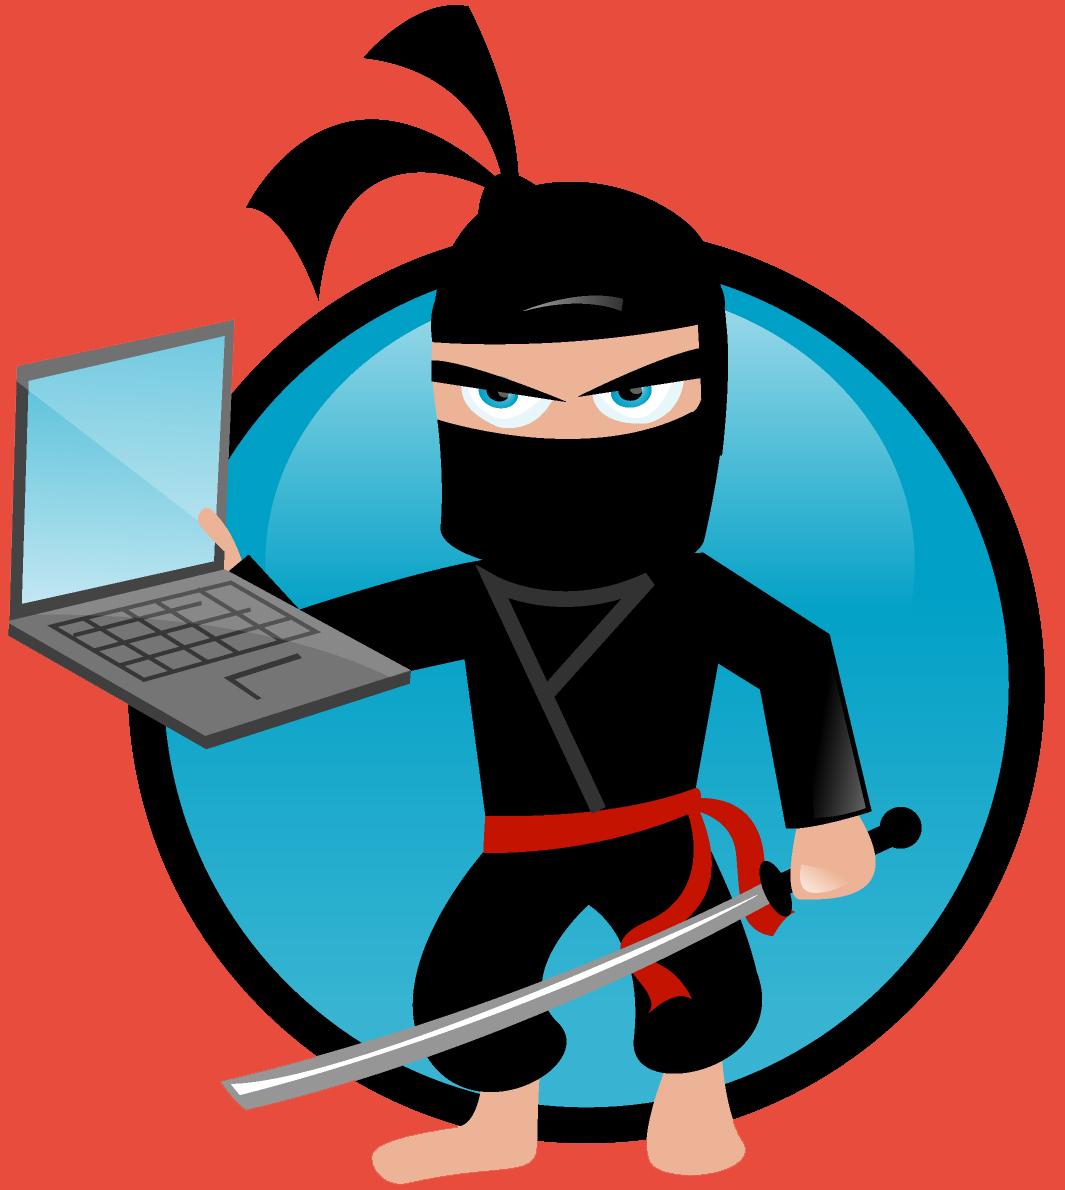 Slider Revolution and RevSlider Exploit WordPress | Security